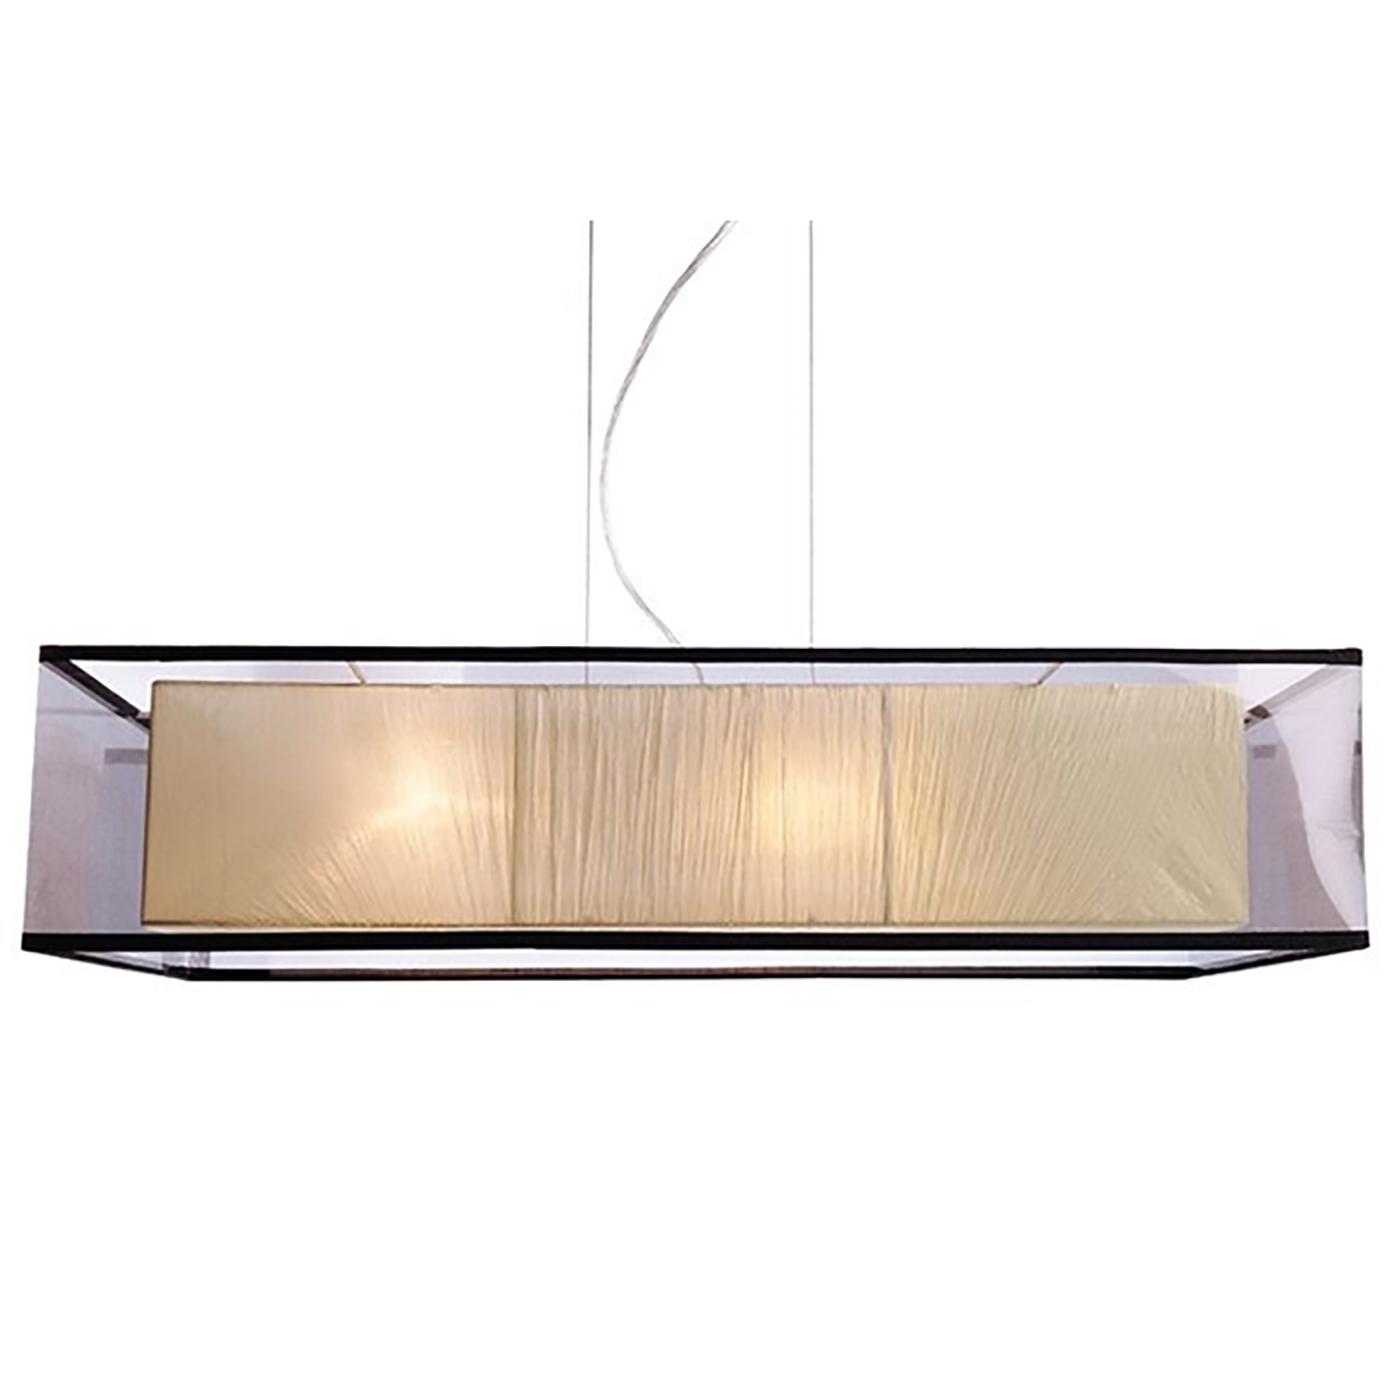 Lampadario Con Strisce Led lampadario led sospensione rettangolare moderno lampada tessuto 4 attacchi  e27